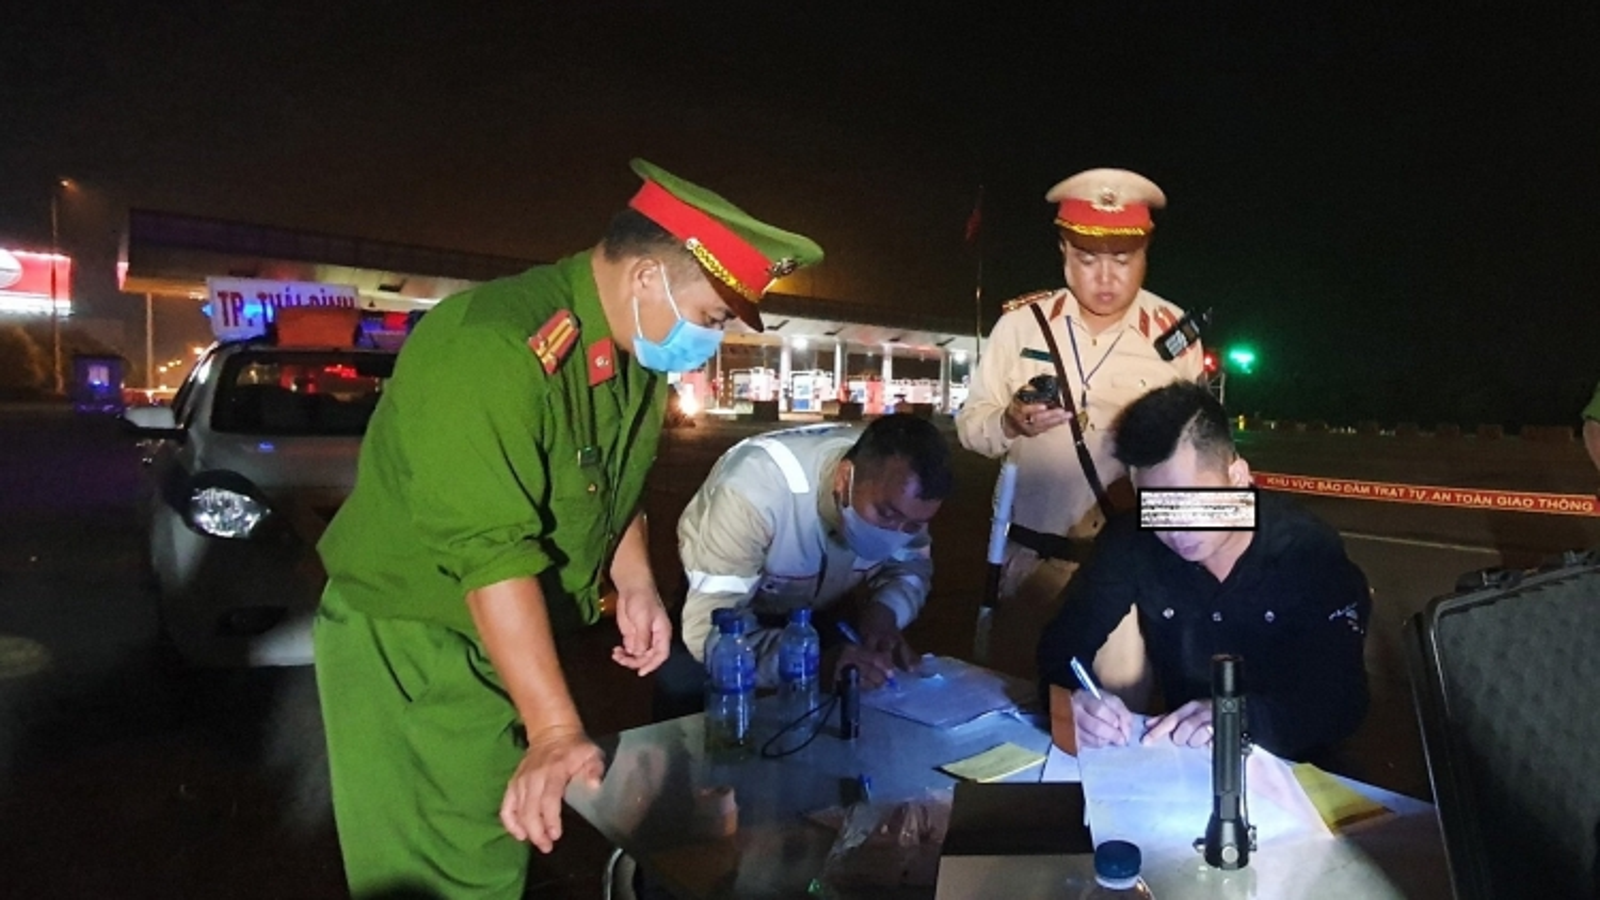 Phát hiện lái xe dương tính với ma túy khi lưu thông trên cao tốc Hà Nội - Hải Phòng